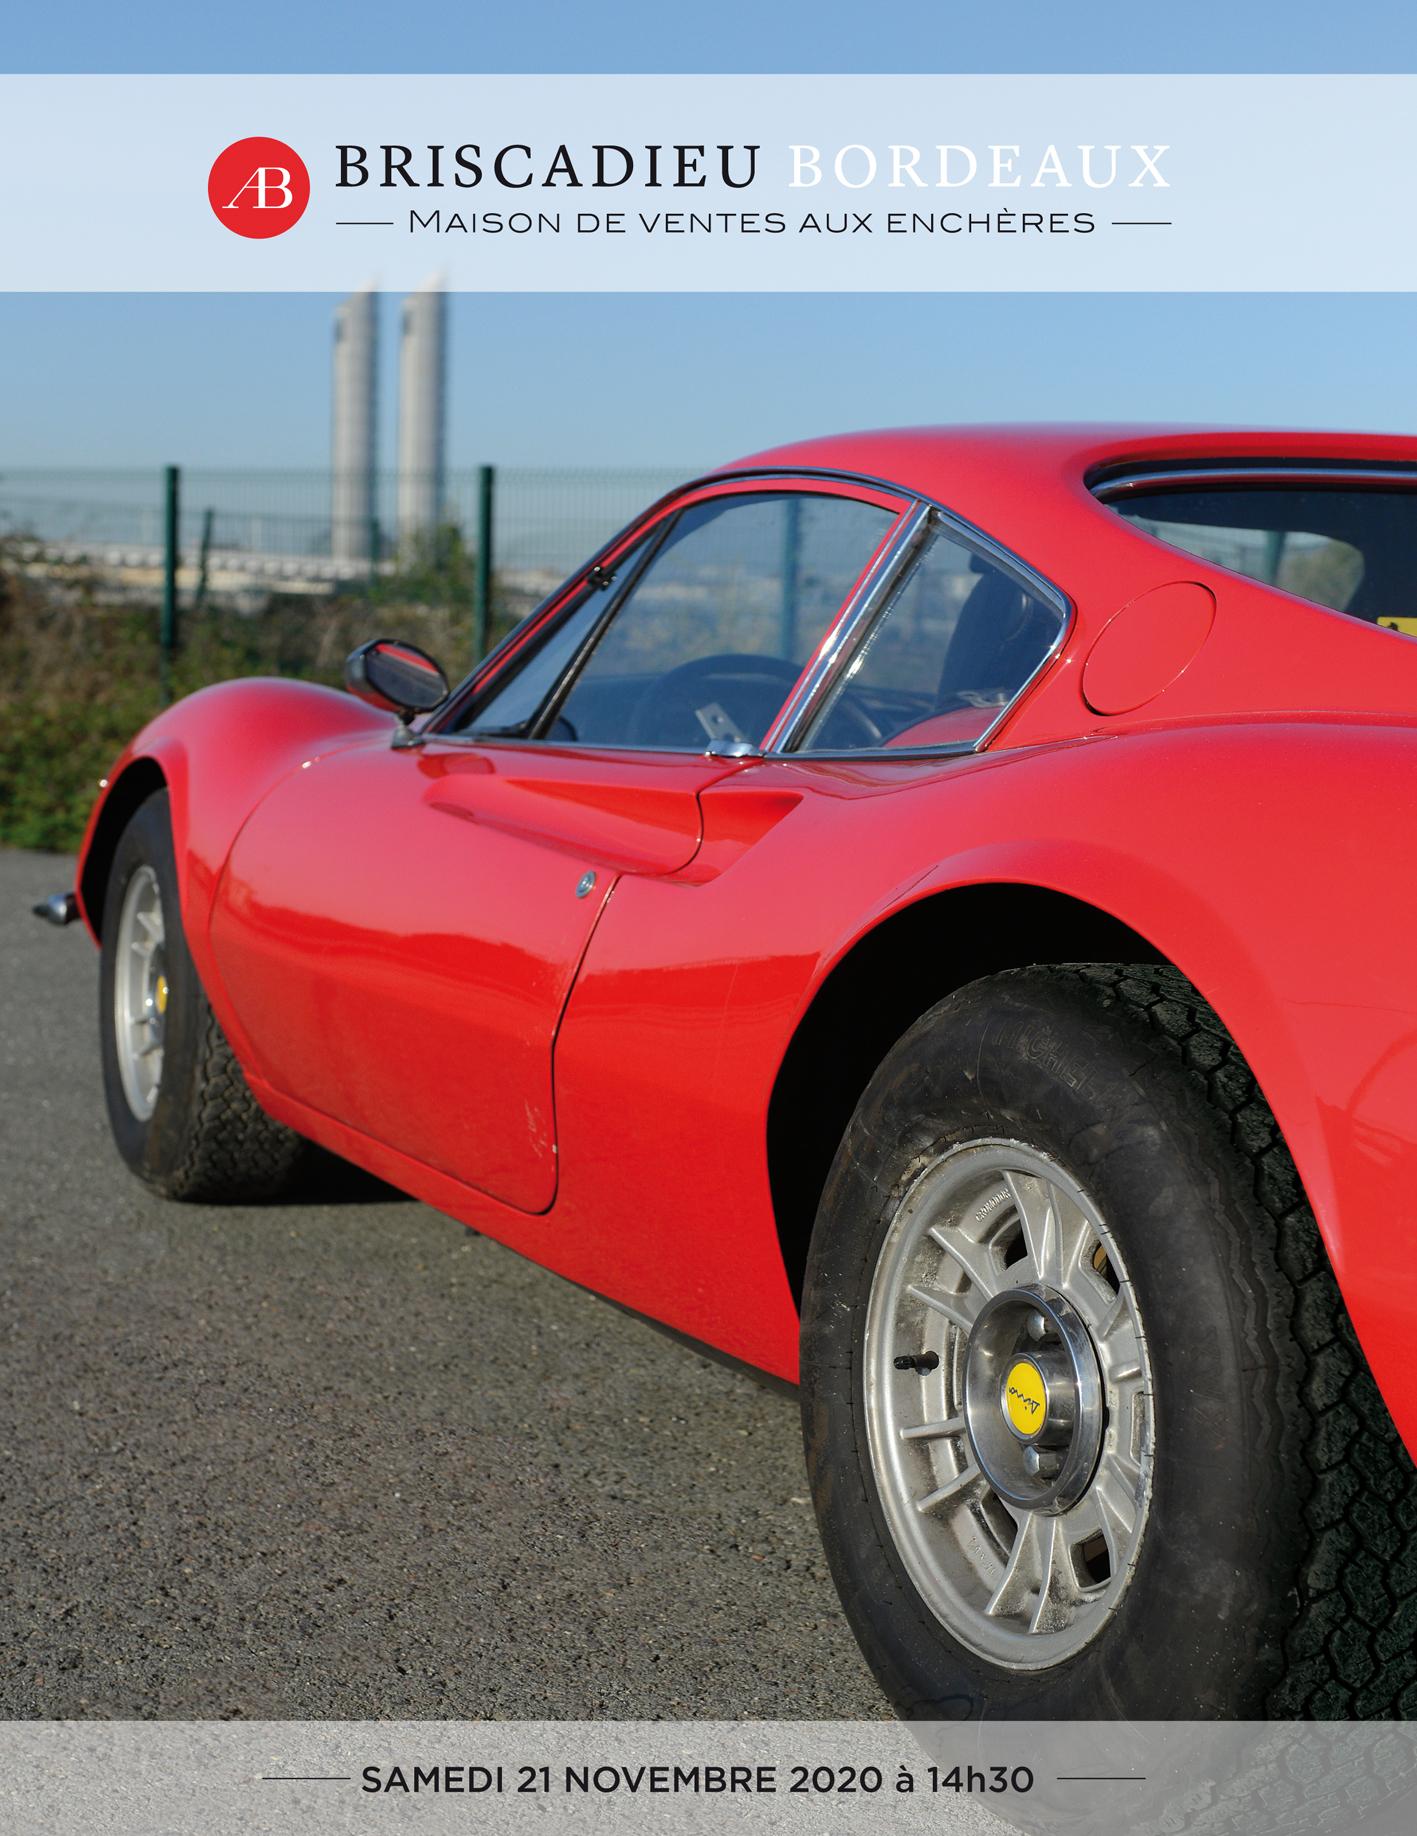 Vente Automobiles de Collection chez Briscadieu Bordeaux : 16 lots